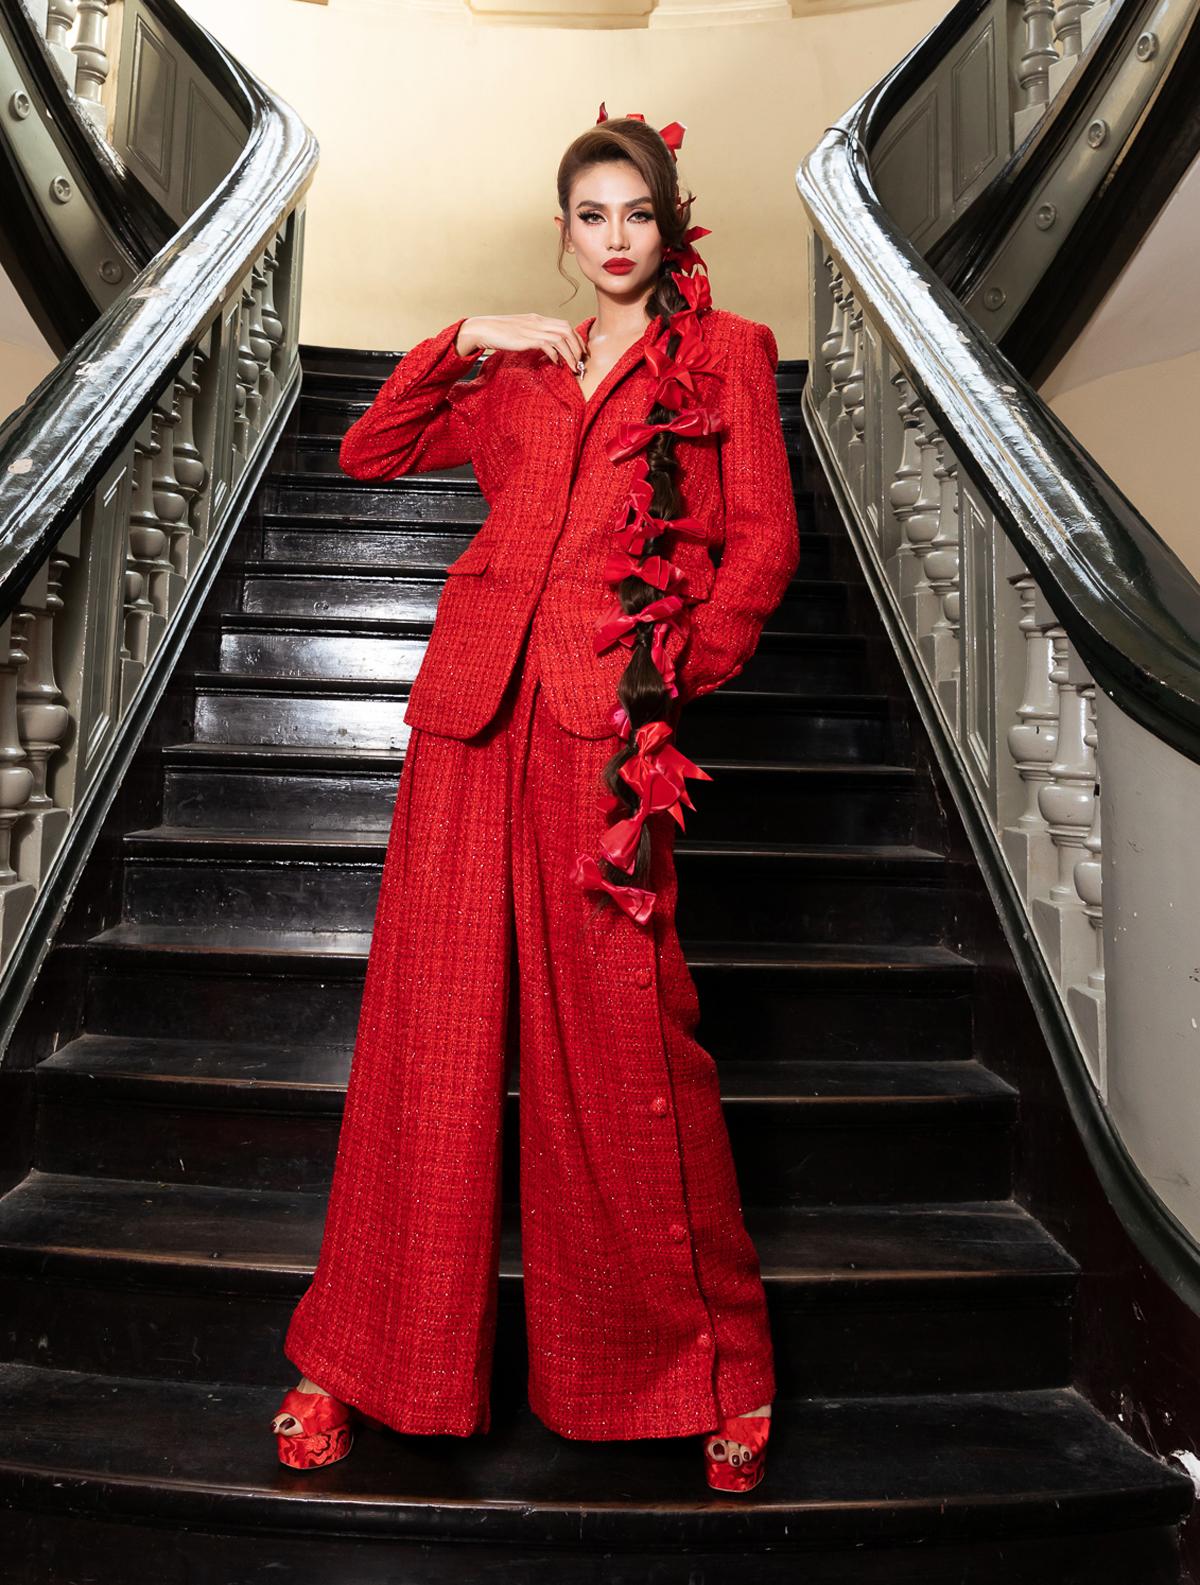 Siêu mẫu Võ Hoàng Yến khác biệt trên thảm đỏ với bộ suit phom dáng oversized cá tính.